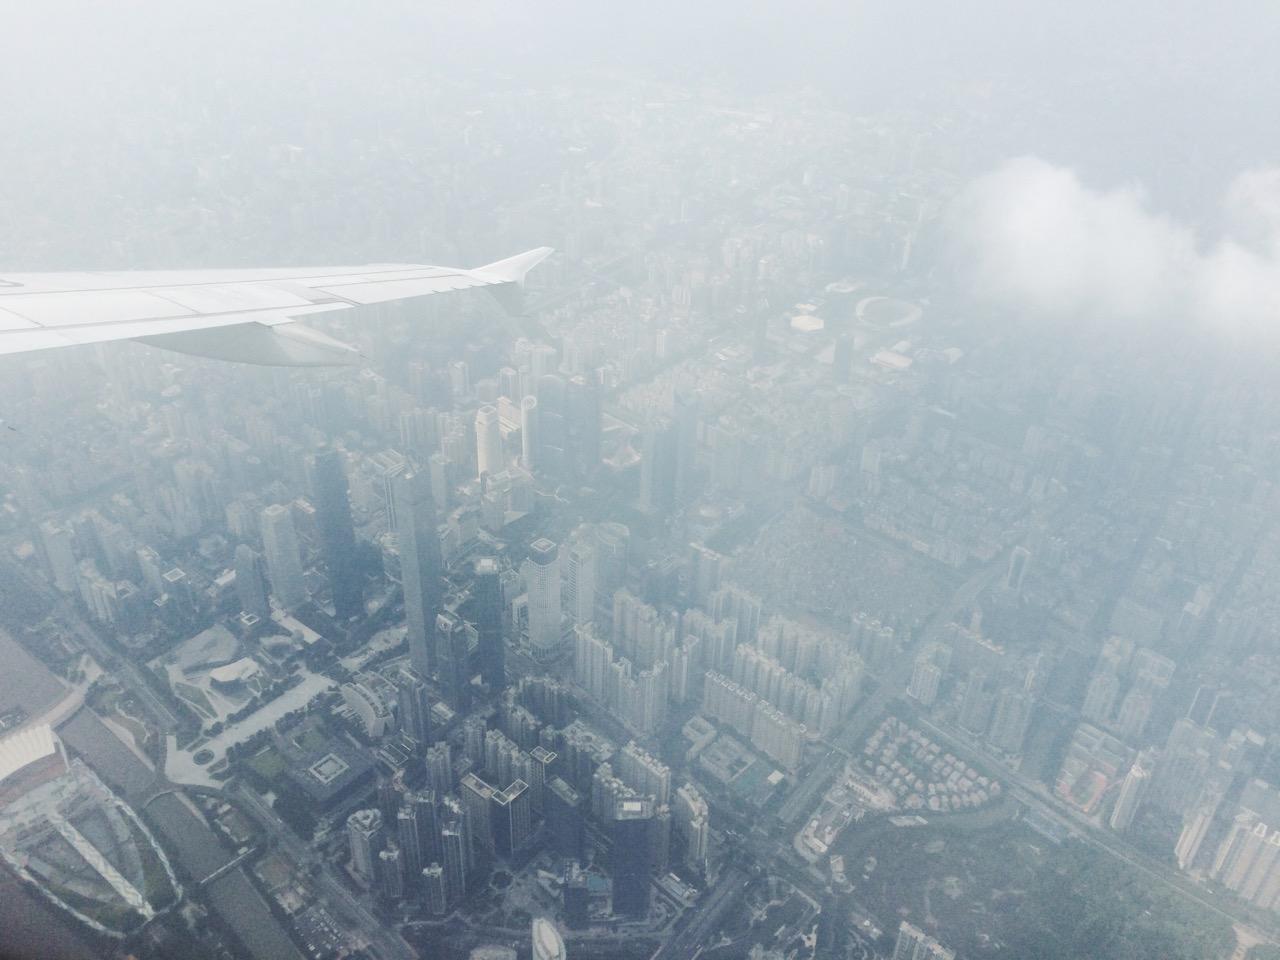 Безвизовый транзит в Гуанчжоу: В небе над Гуанчжоу